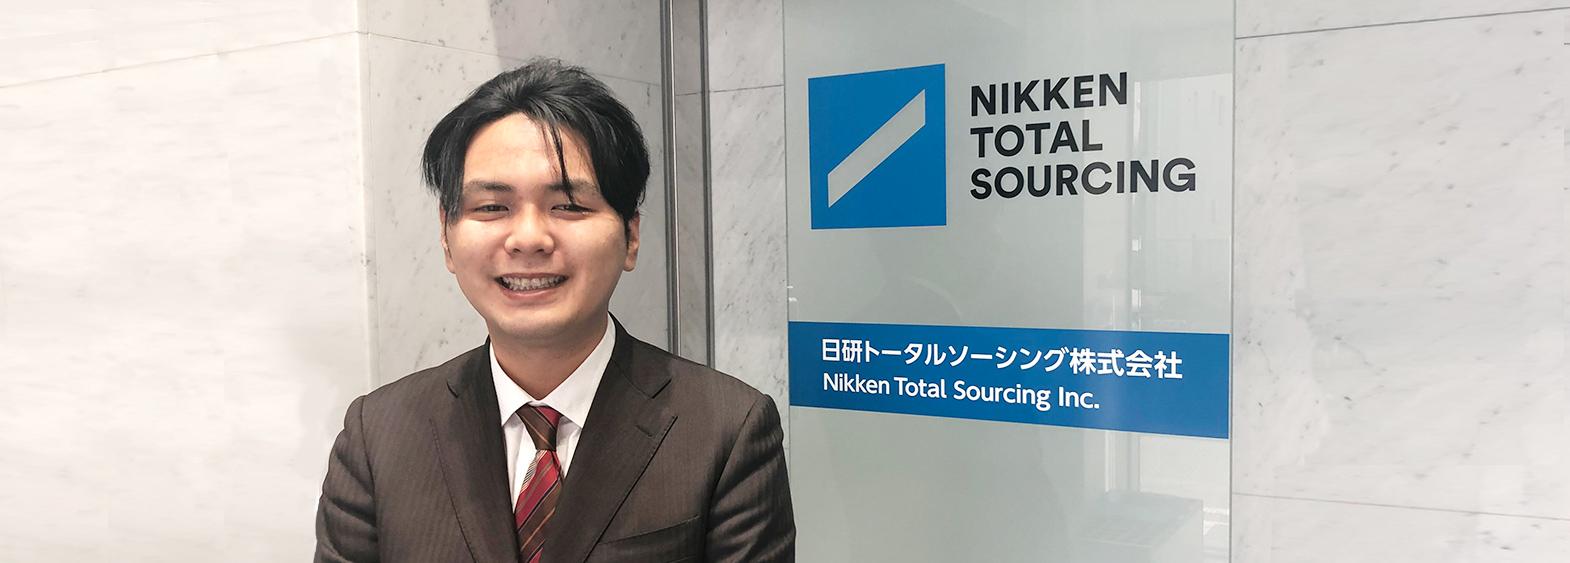 日研トータルソーシング株式会社・メディカルケア事業部の導入事例メイン